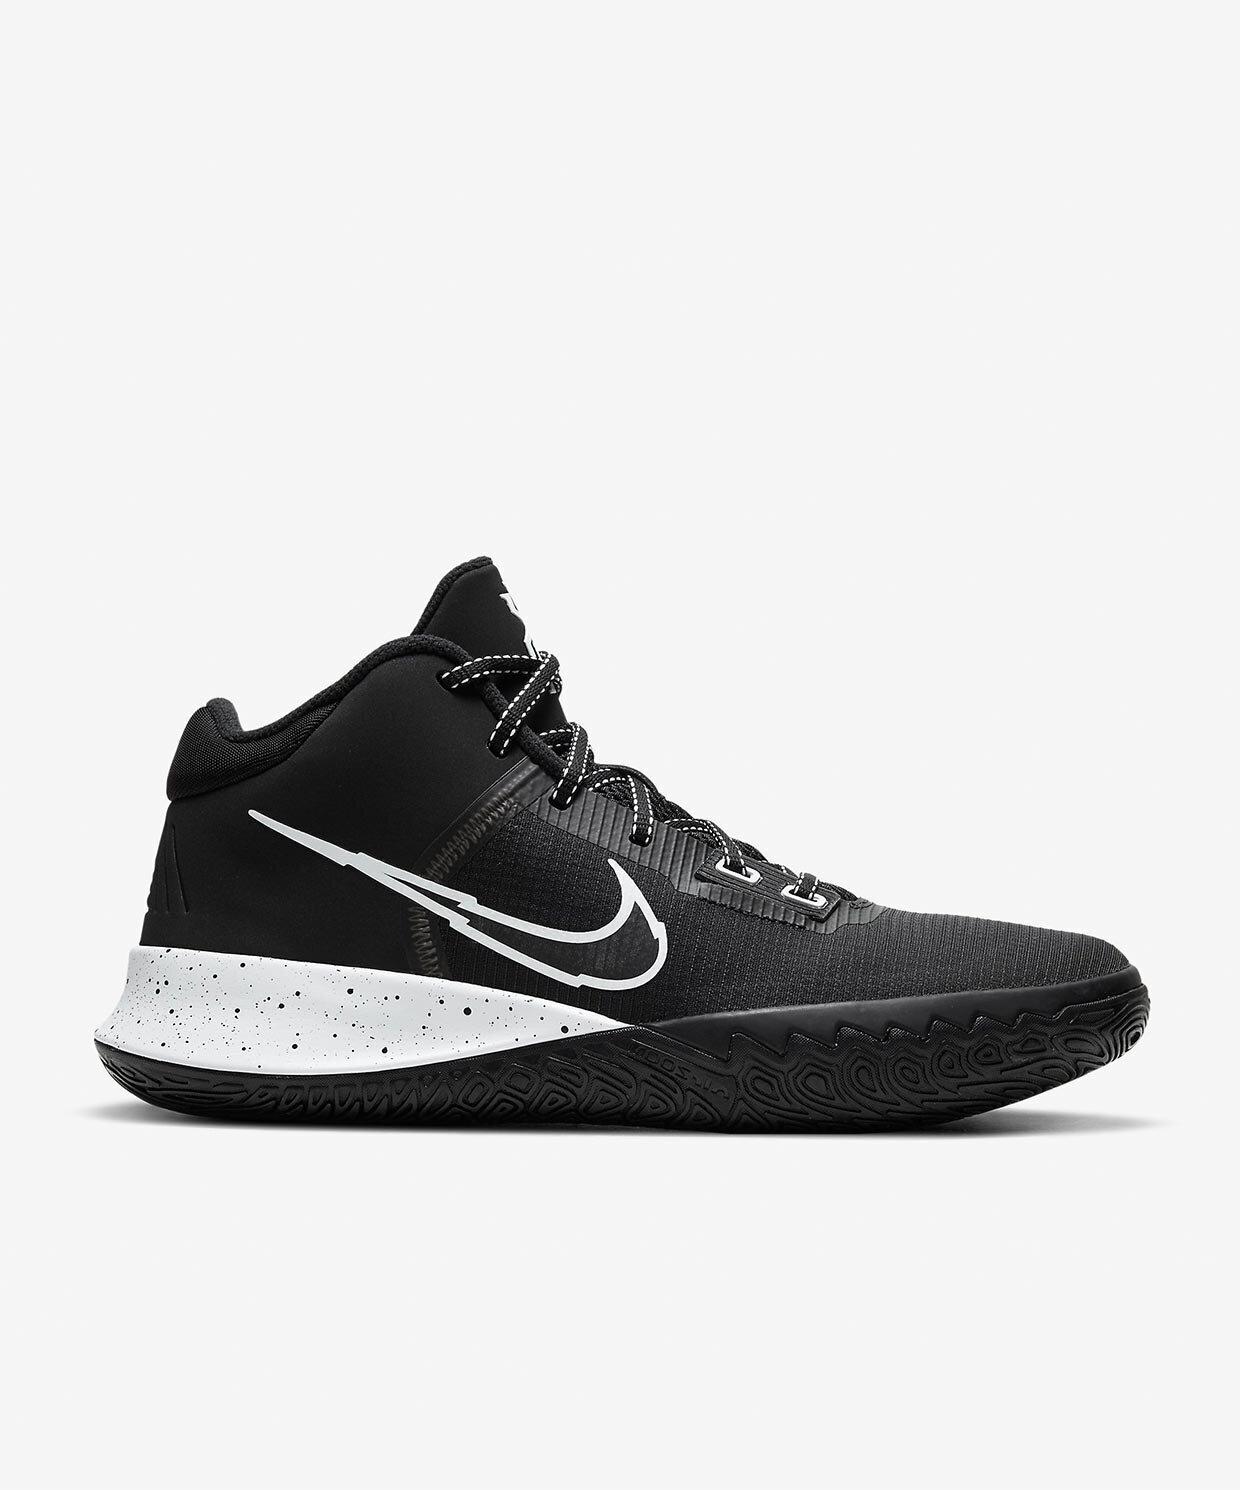 Nike Kyrie Flytrap IV